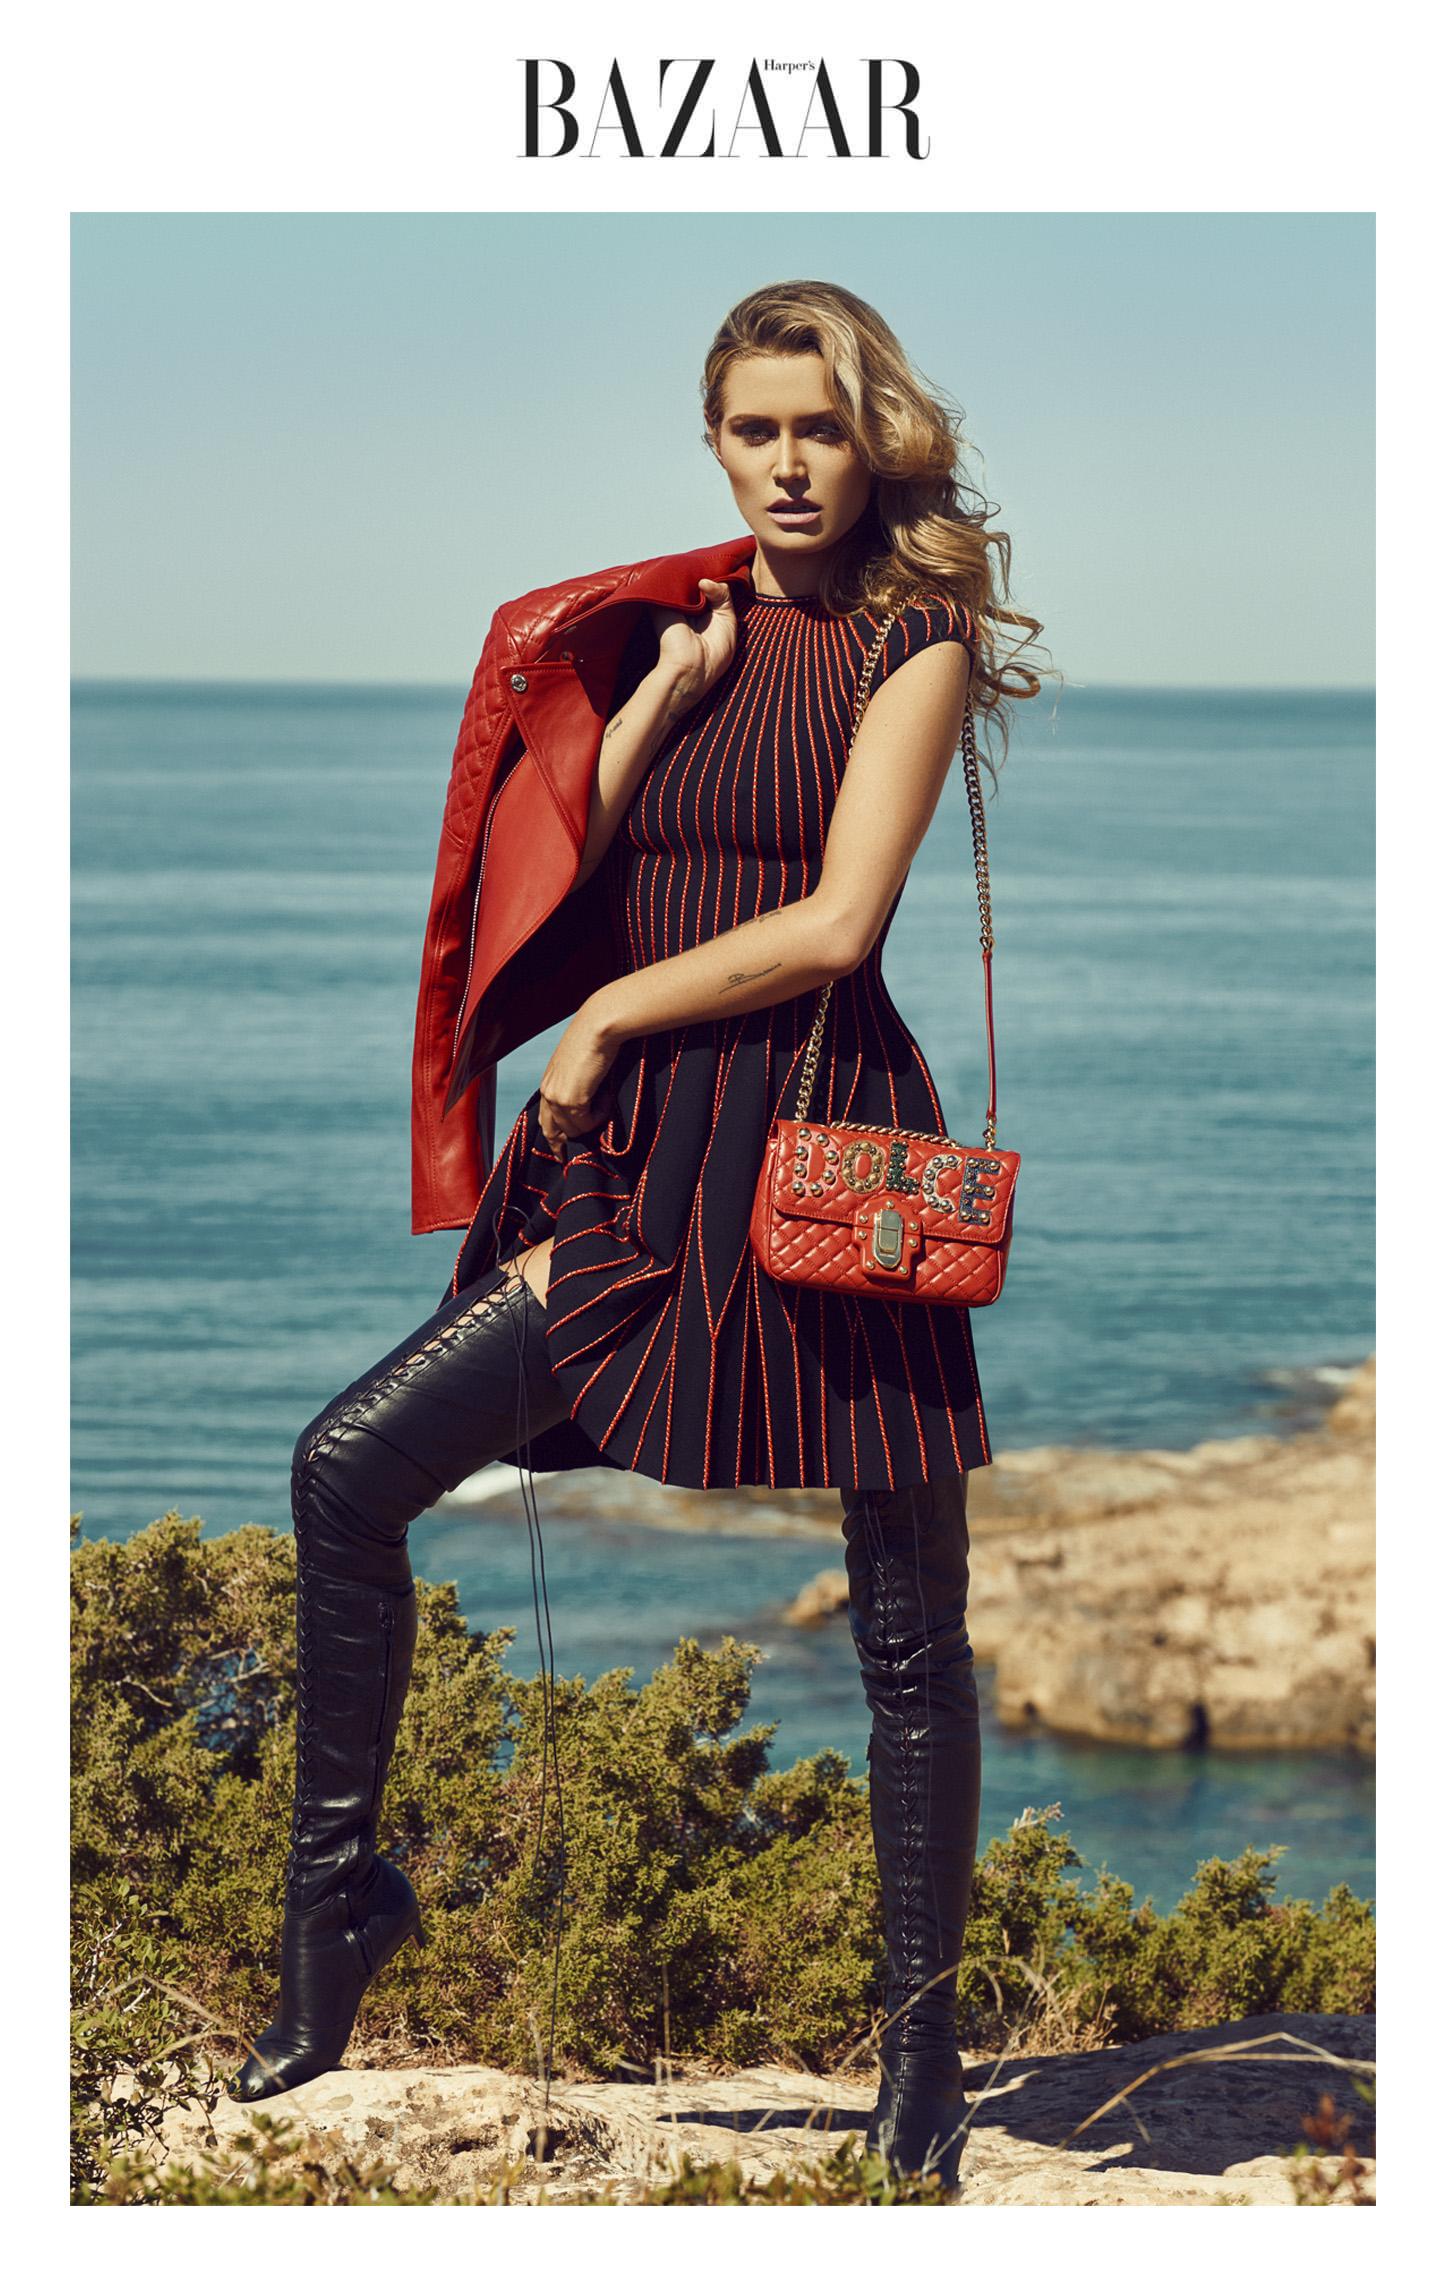 Cheyenne Tozzi by Stefan Imielski for Harper's Bazaar